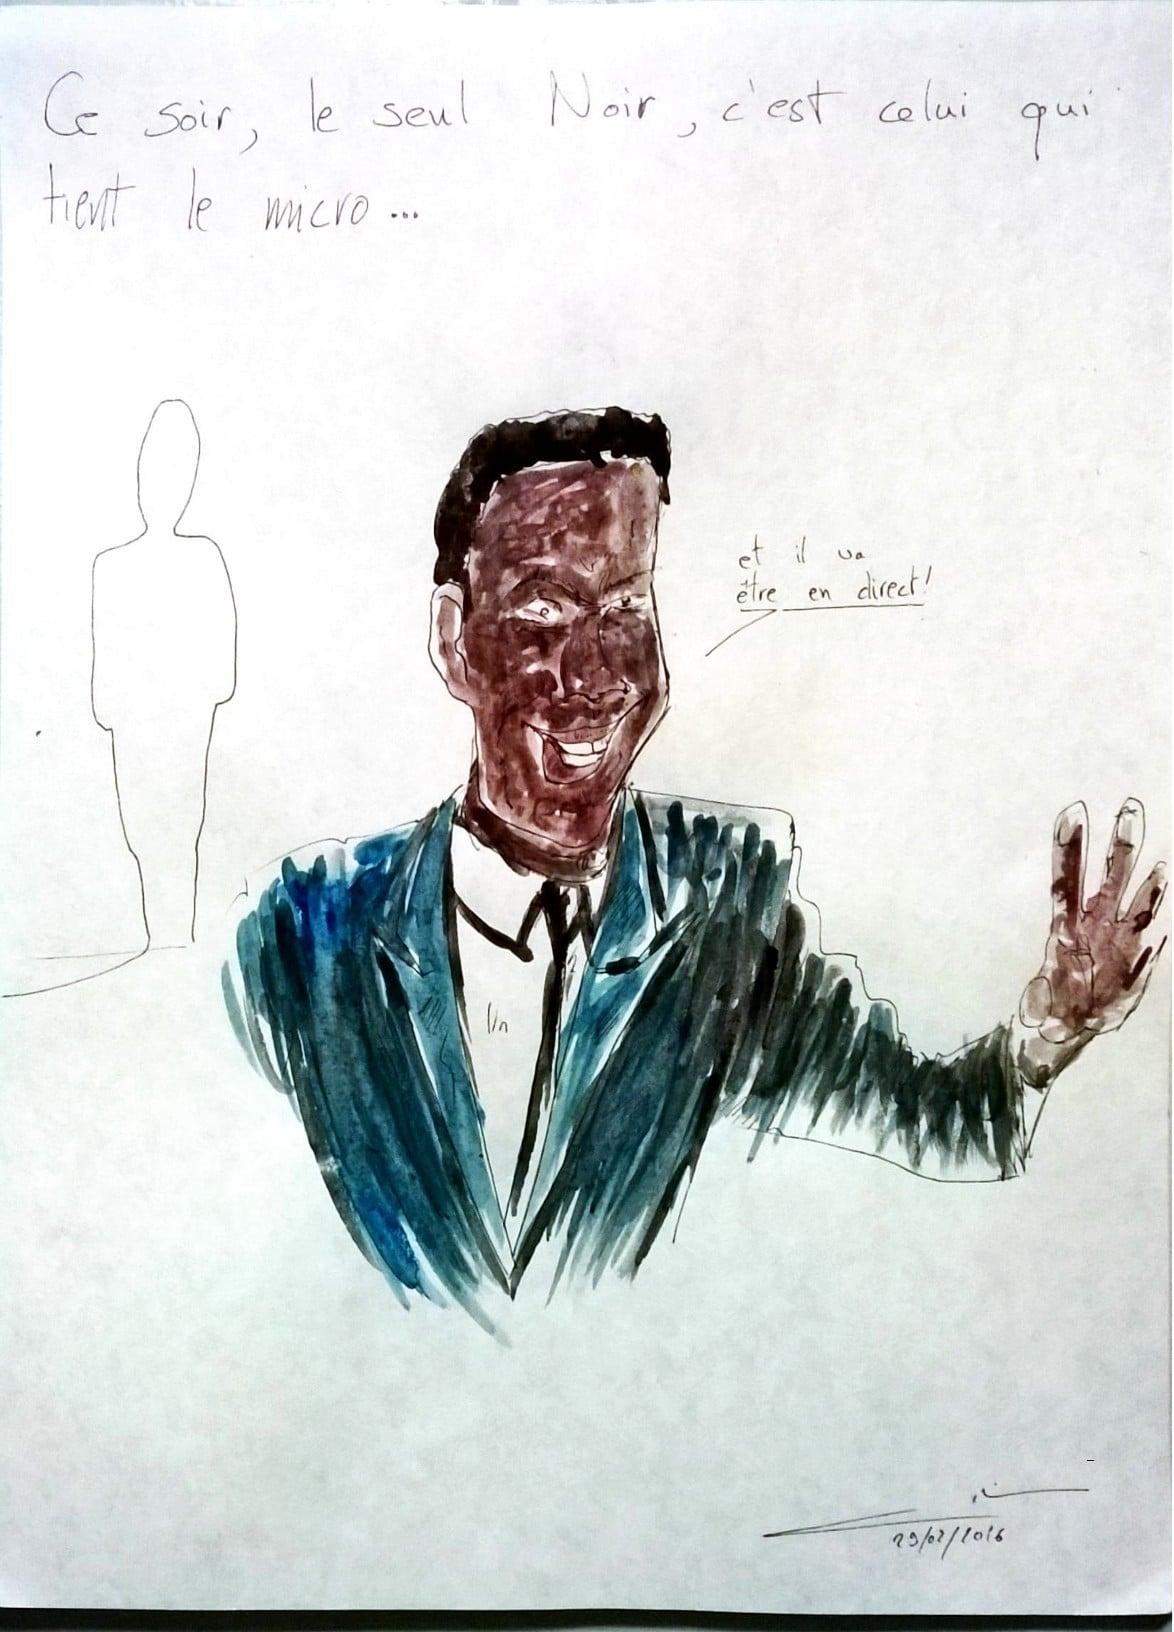 Colin-Gribouille-l'Actu-Oscars-Noir-cest-Noir-01